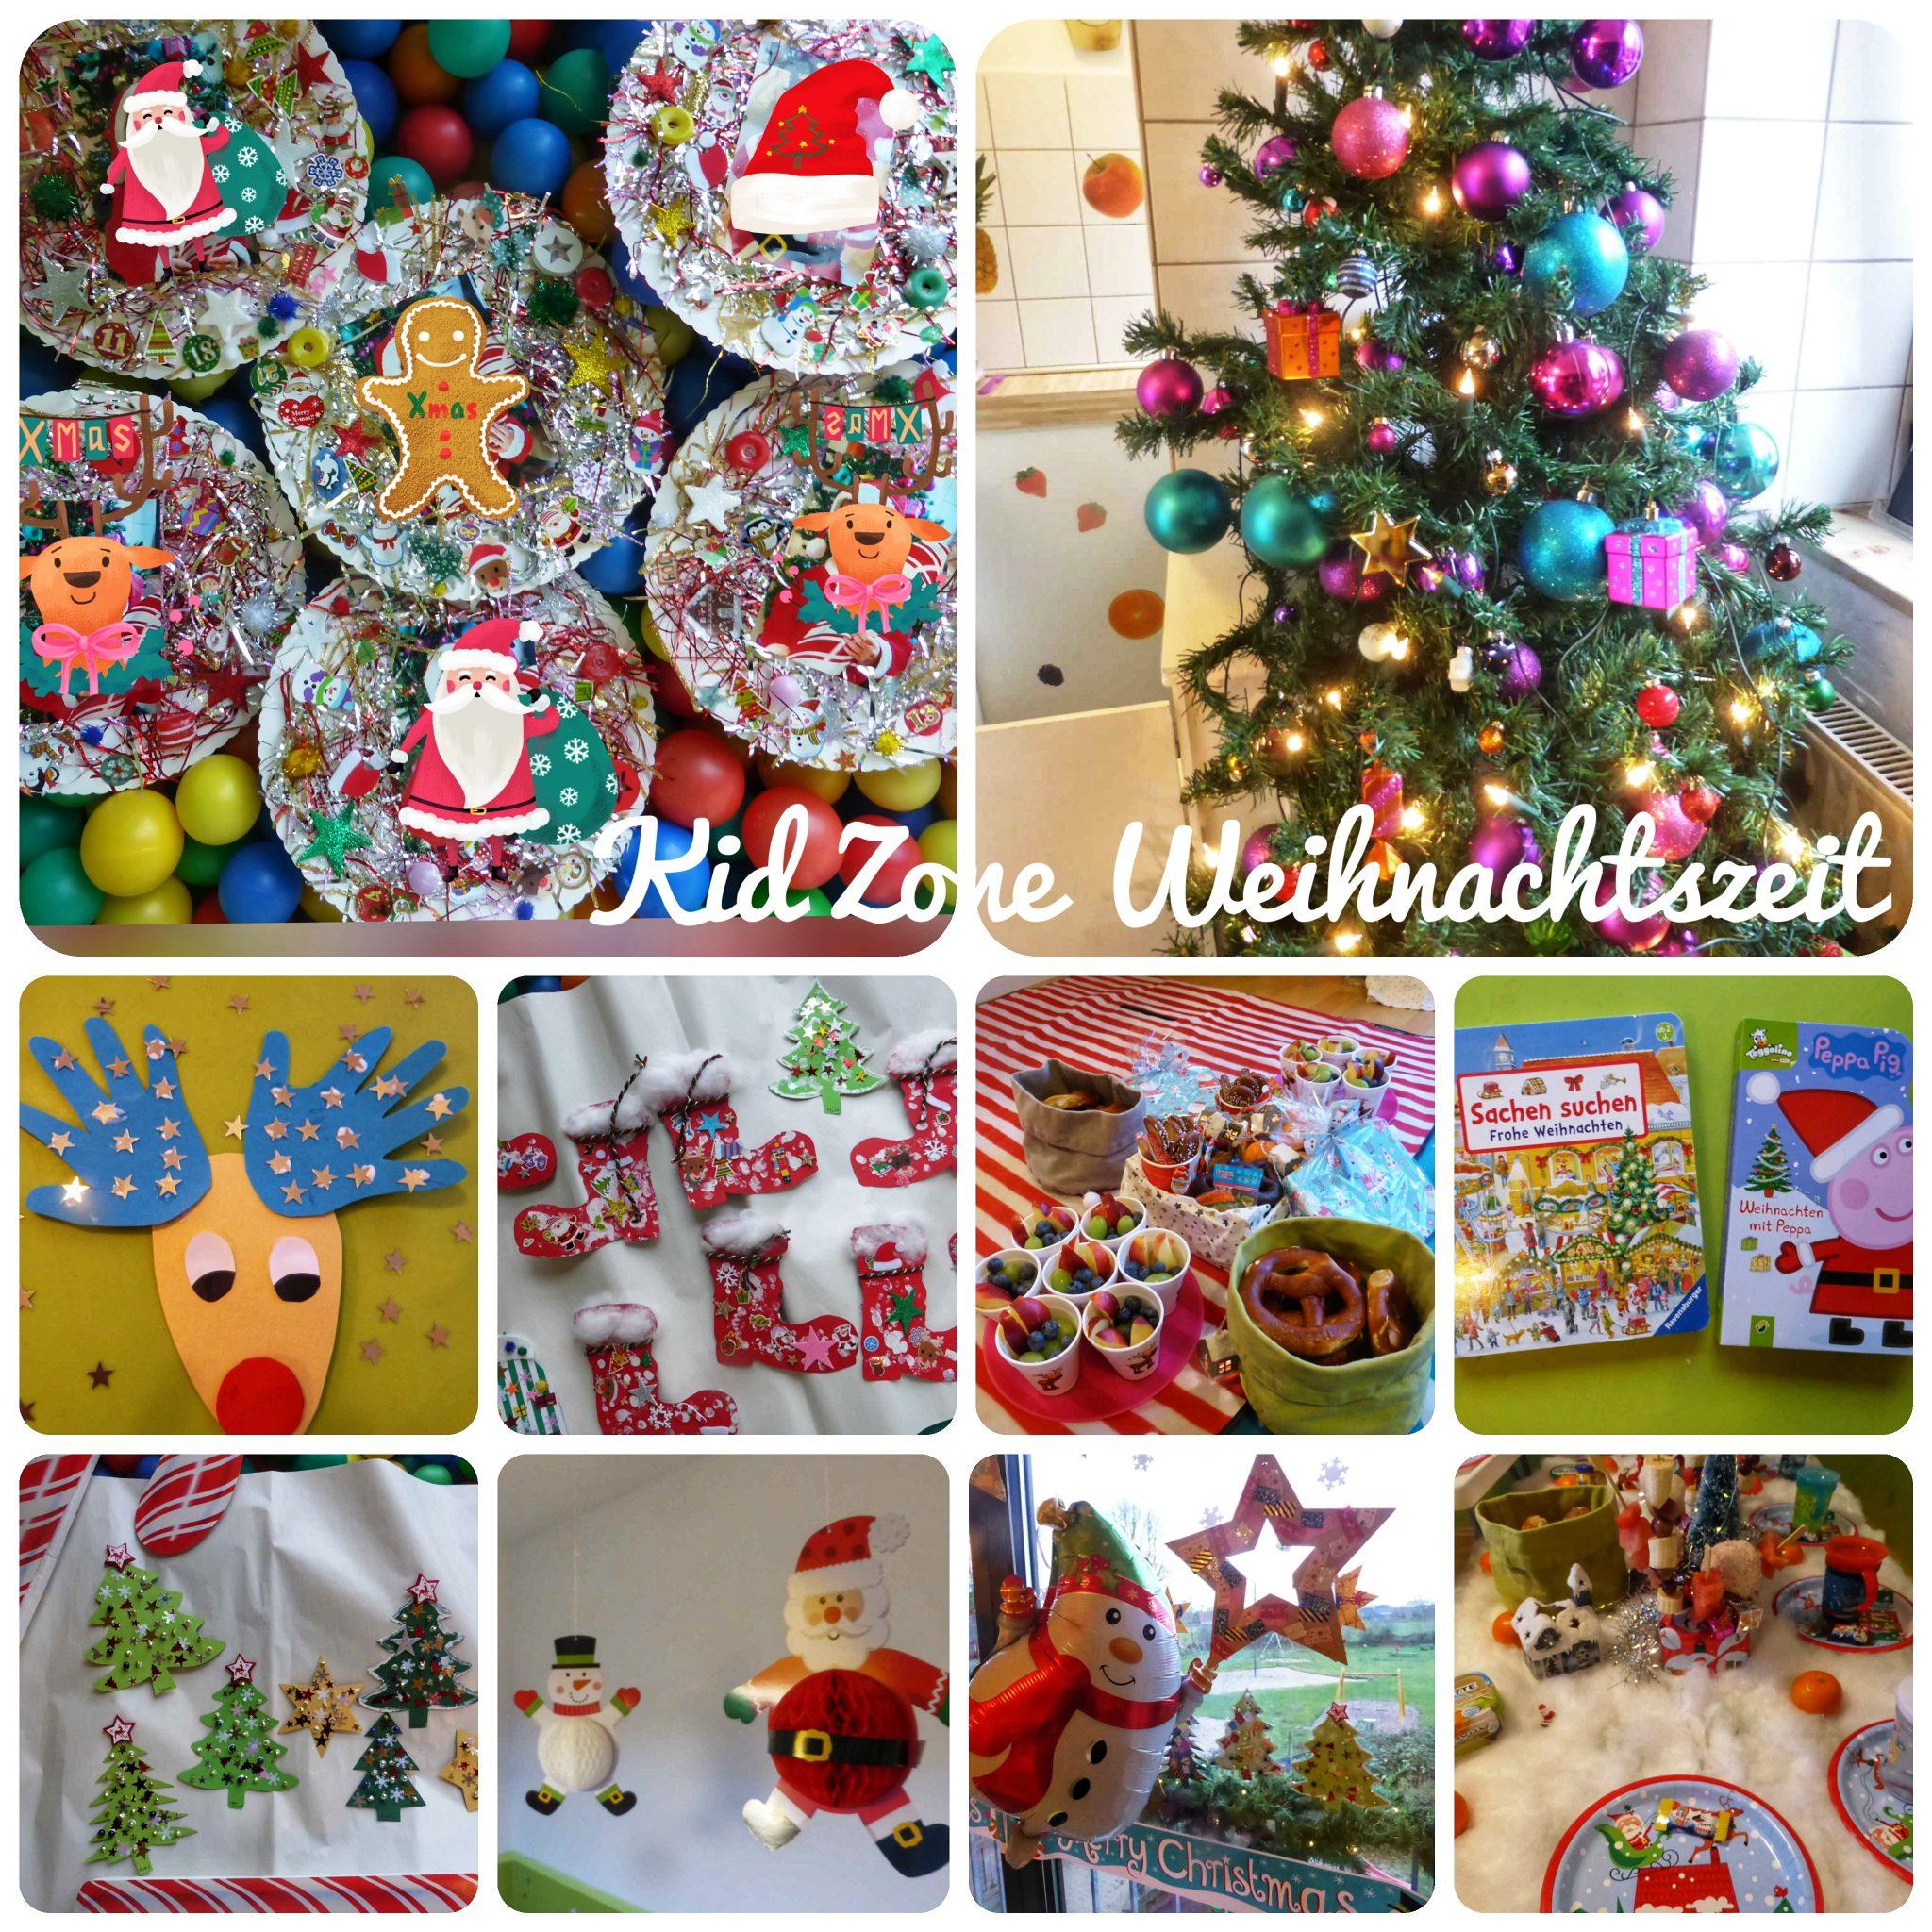 Kita Kid Zone Weihnachten 2019 scaled - Kid Zone Neuigkeiten und Aktionen